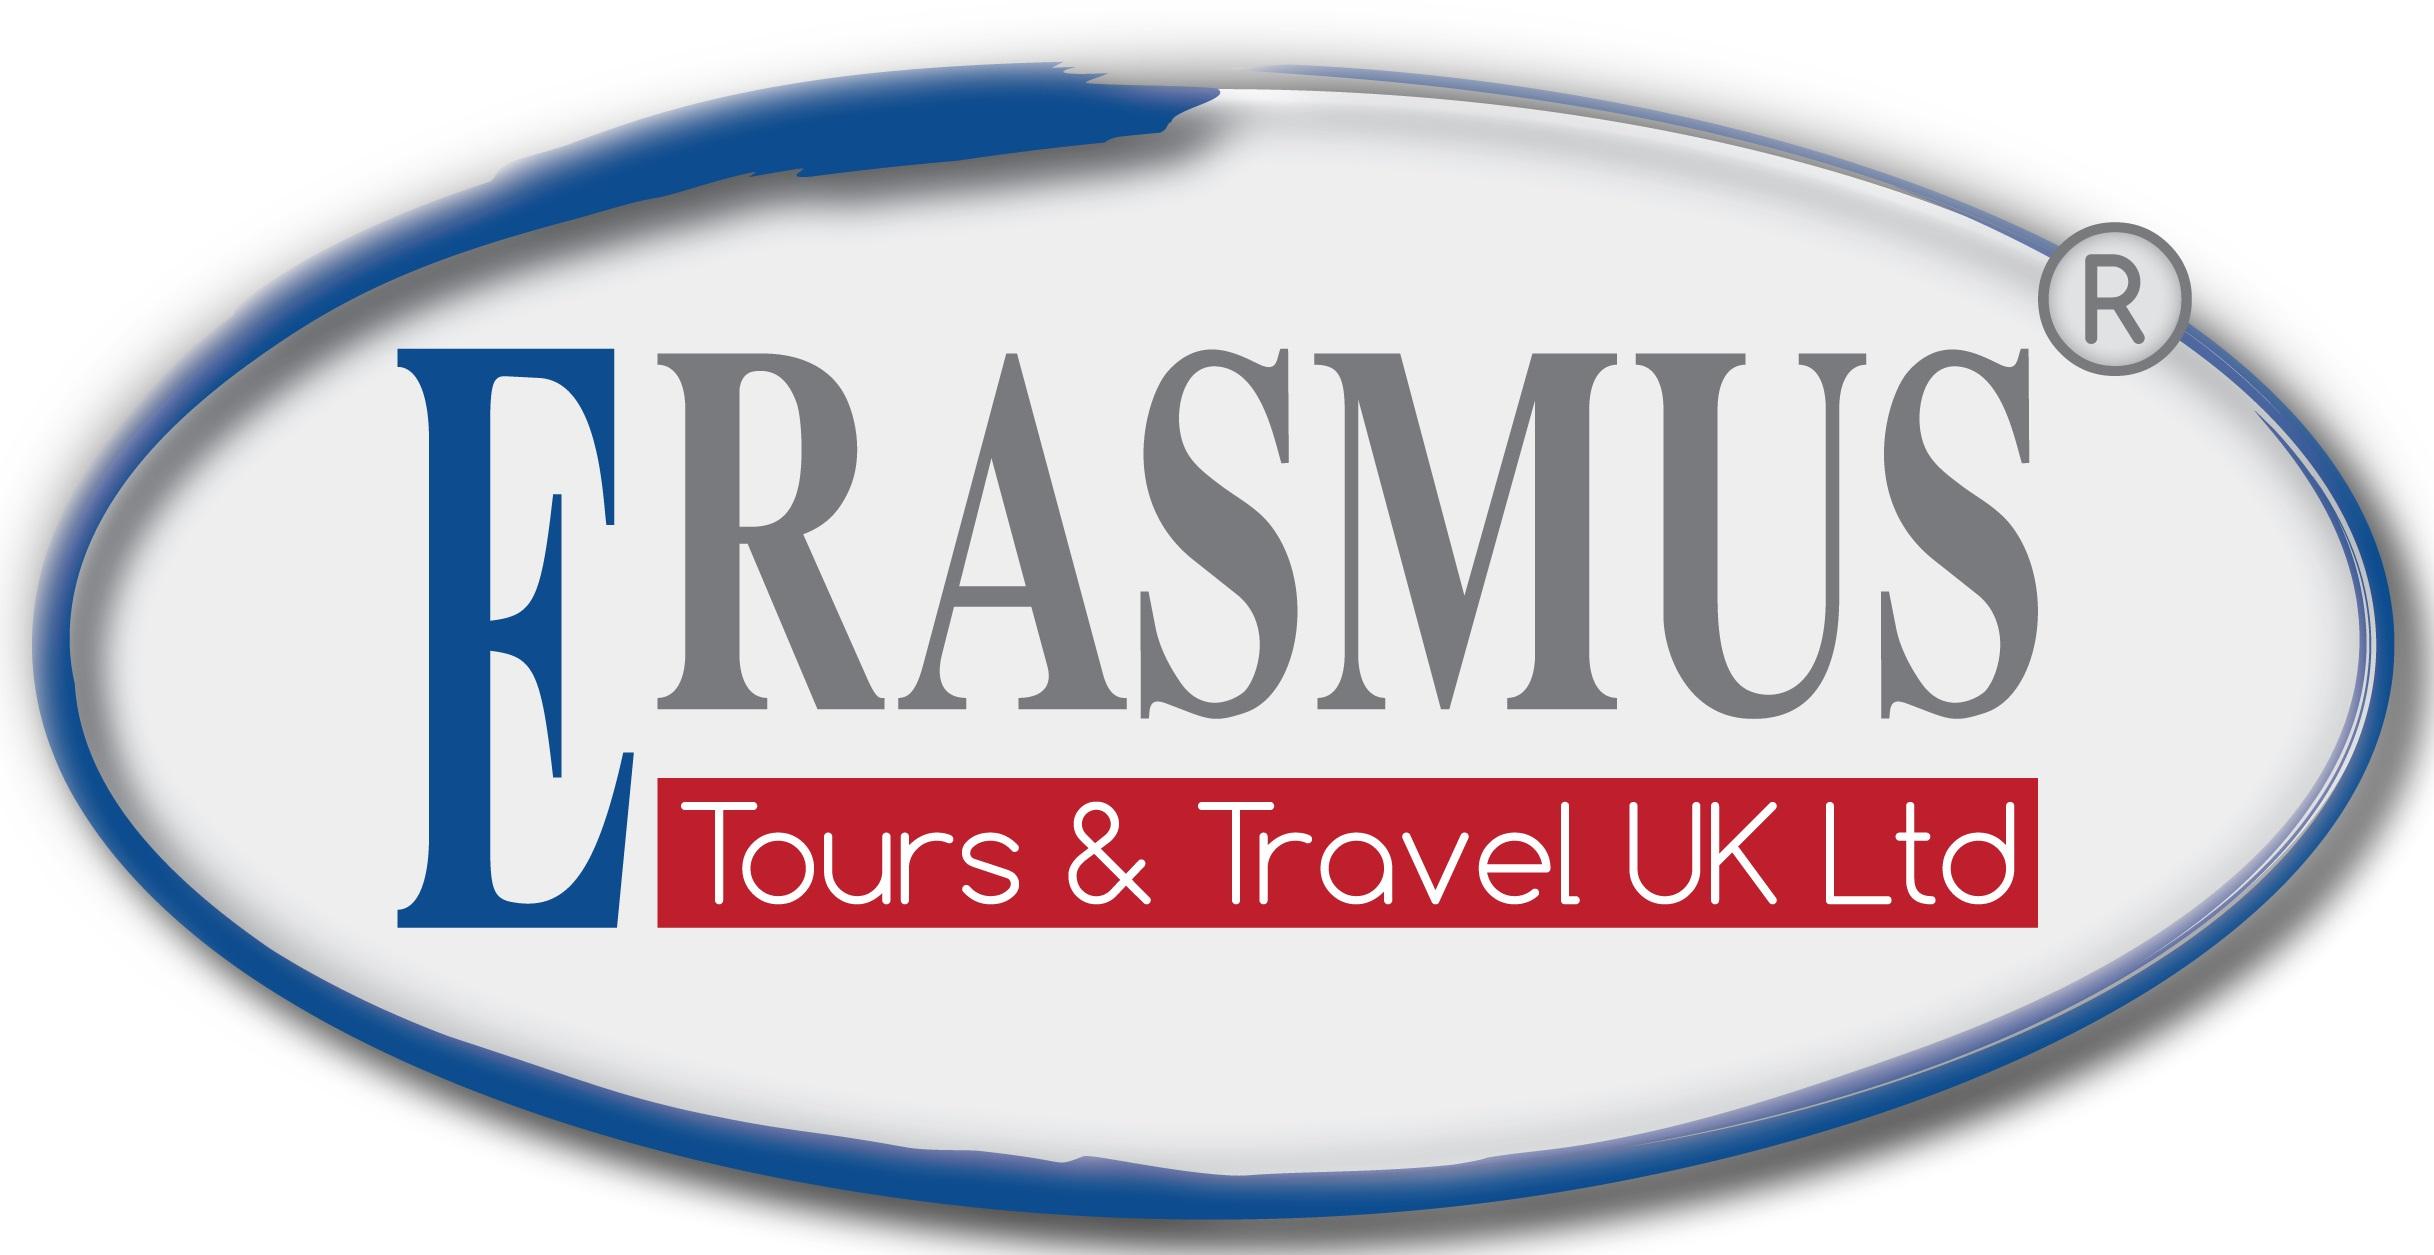 Erasmus Tours & Travel UK Limited